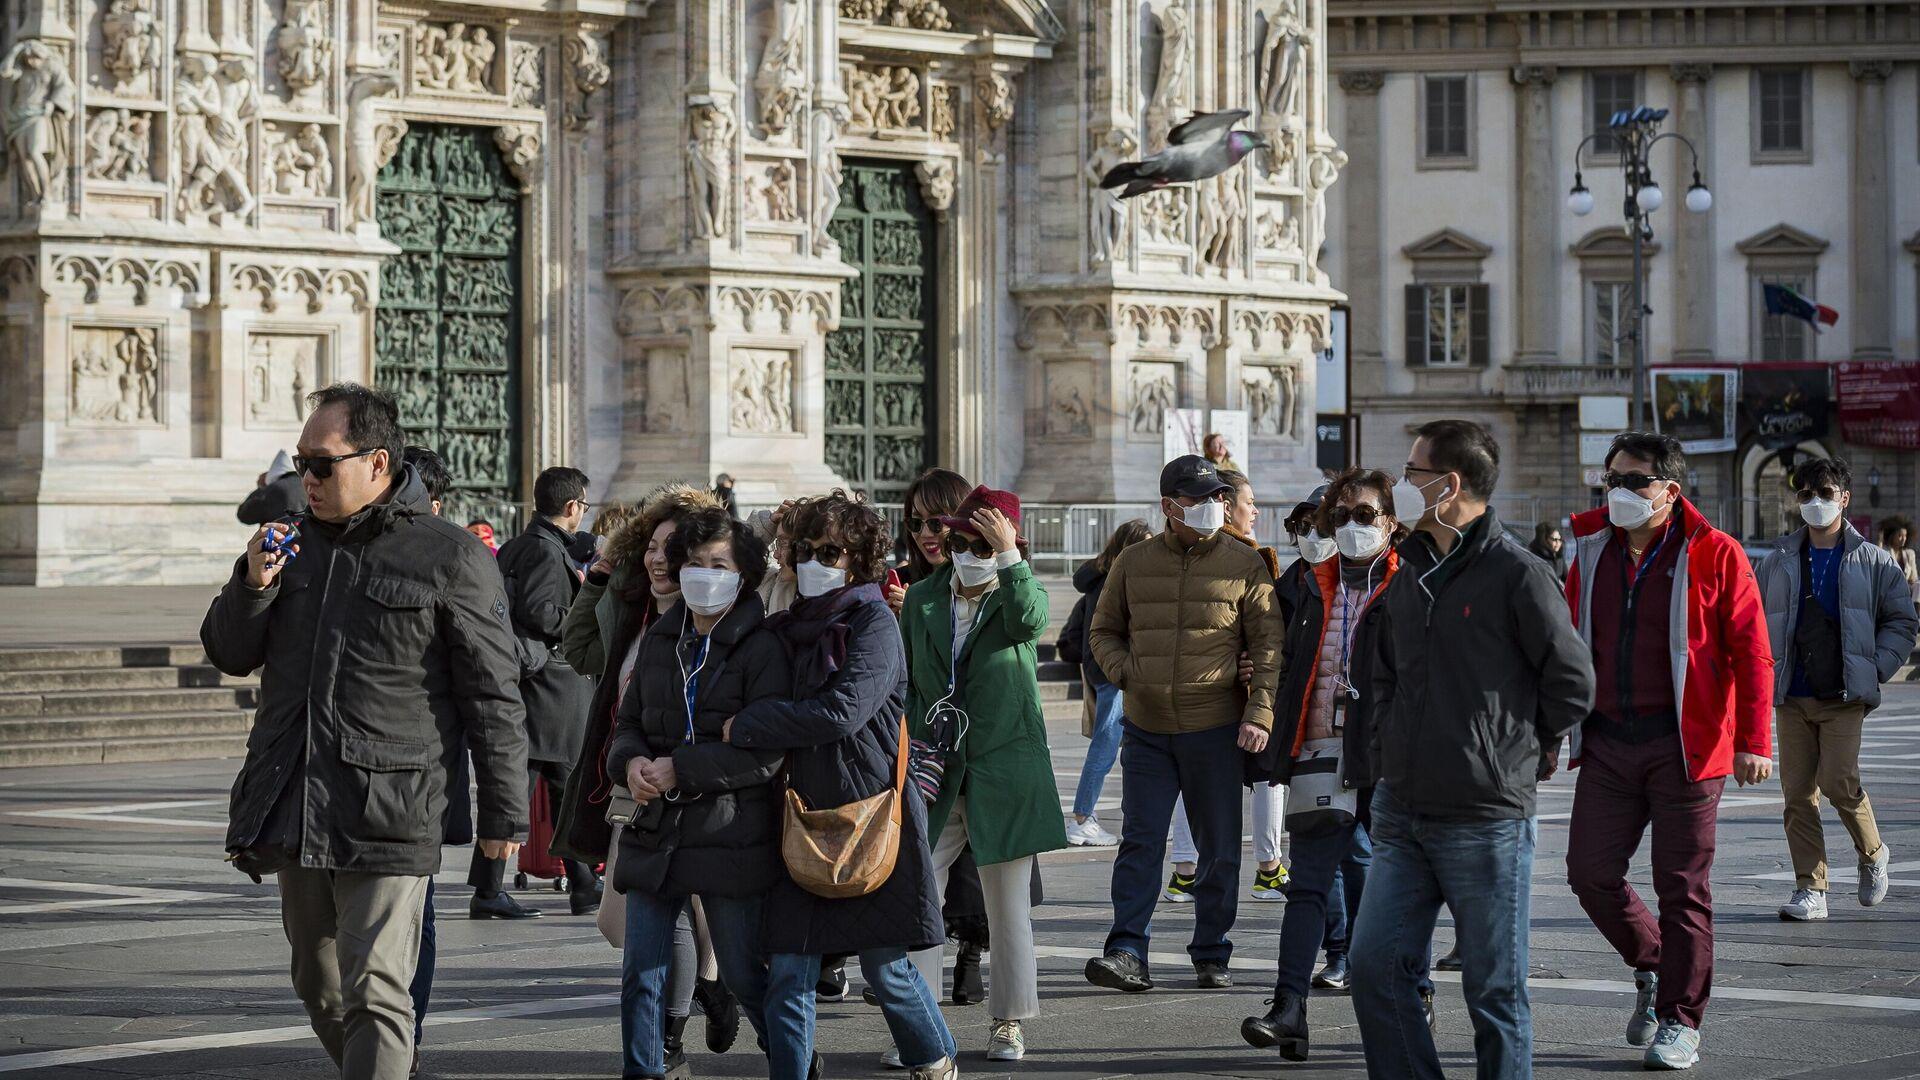 Туристы на одной из улиц Милана - РИА Новости, 1920, 21.01.2021